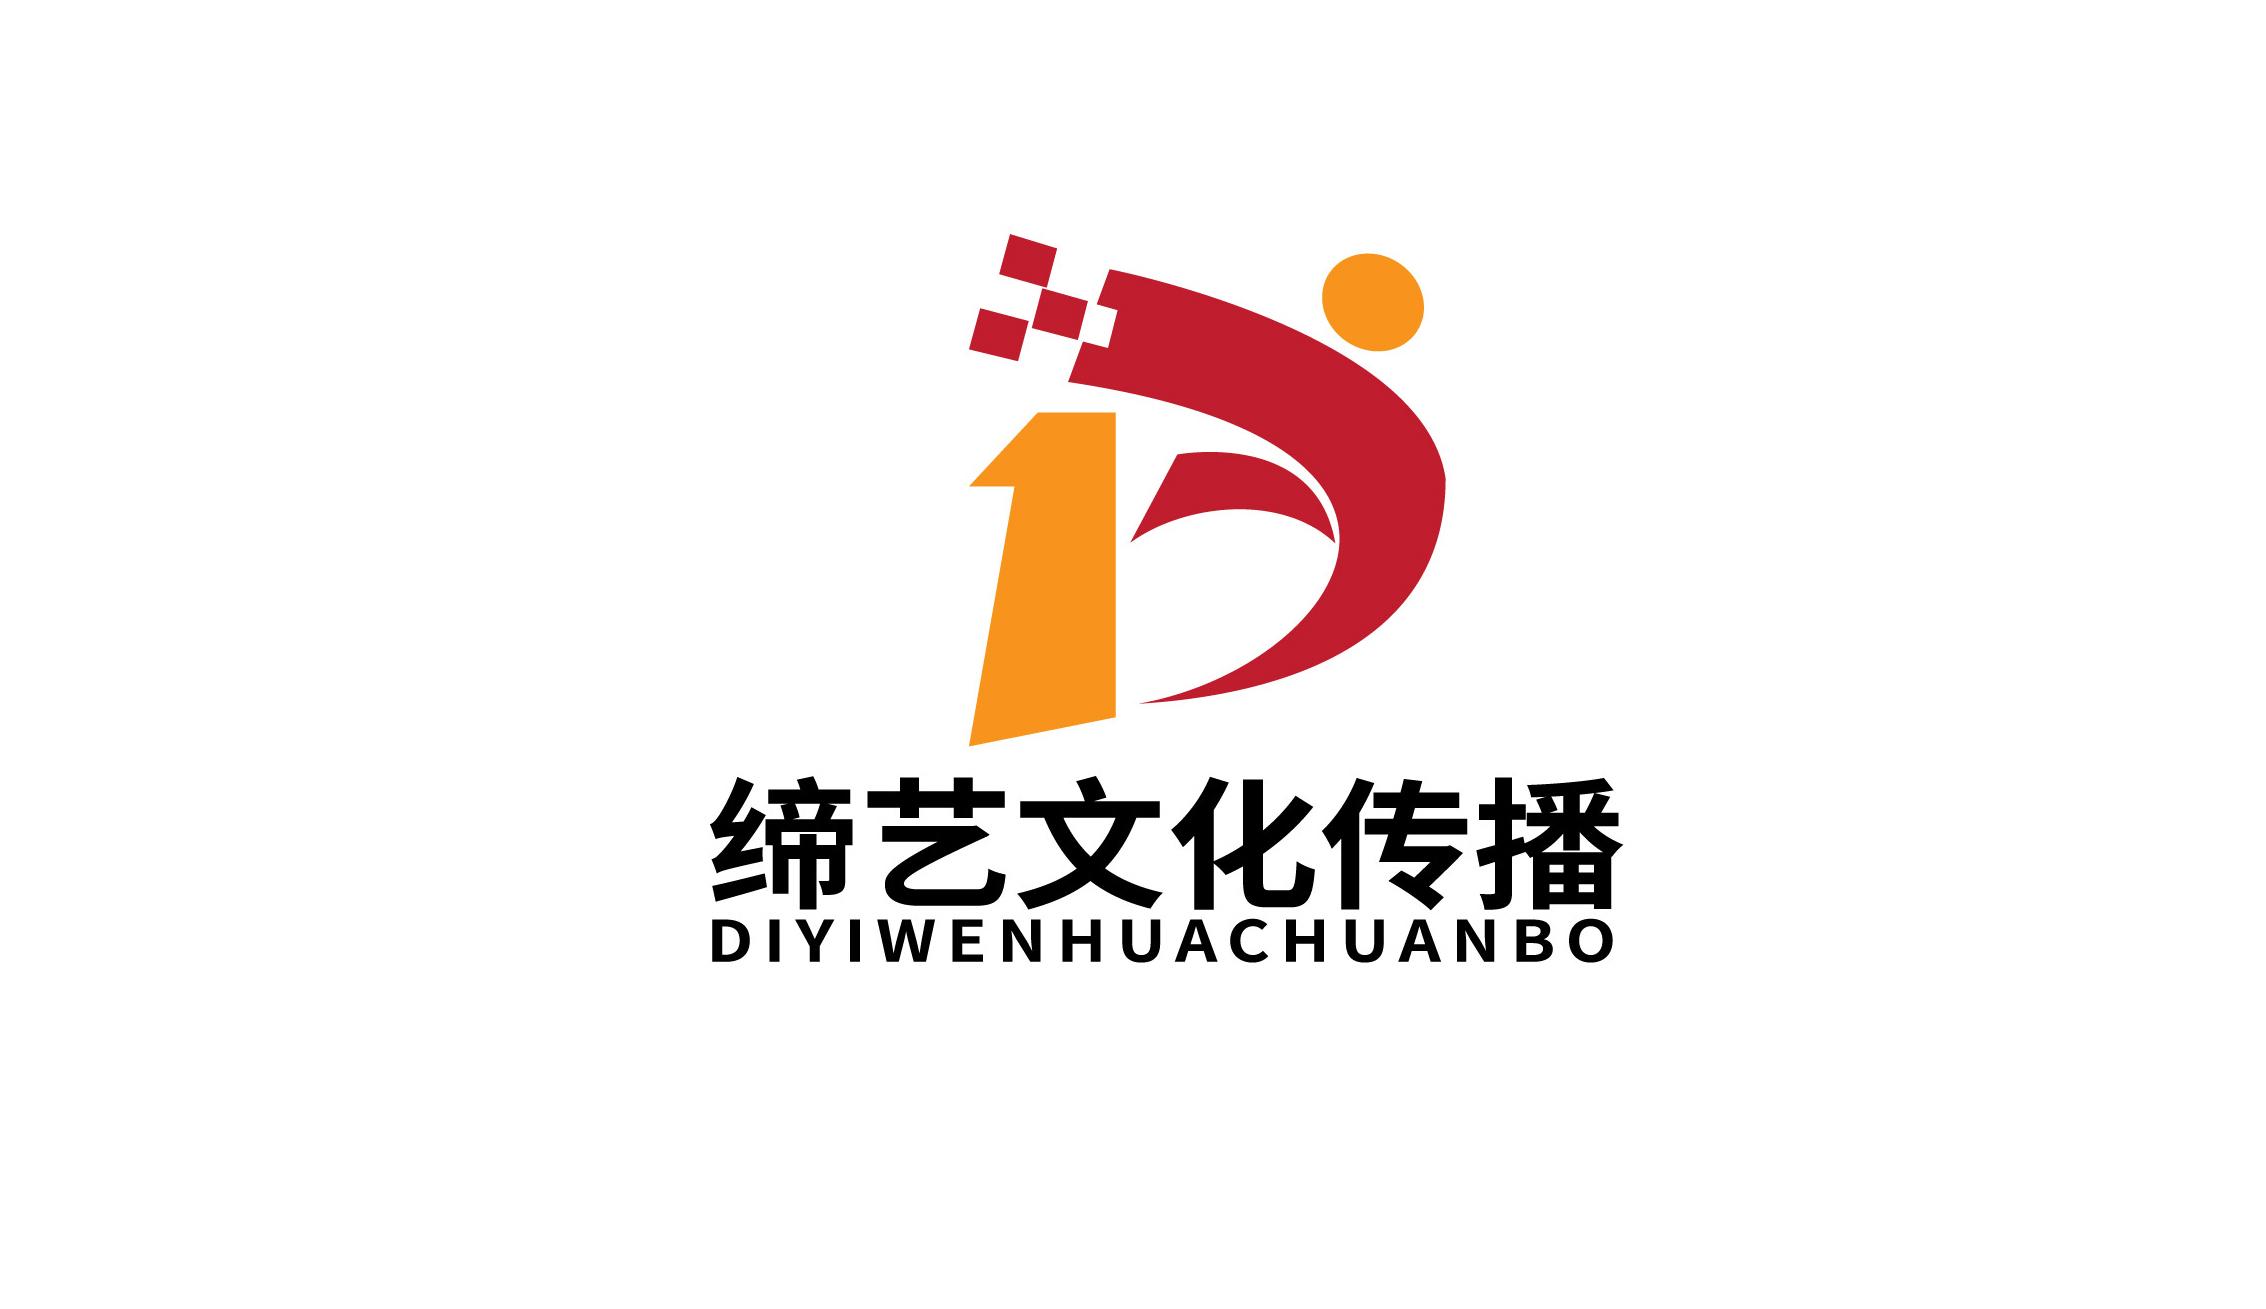 起名+logo案例